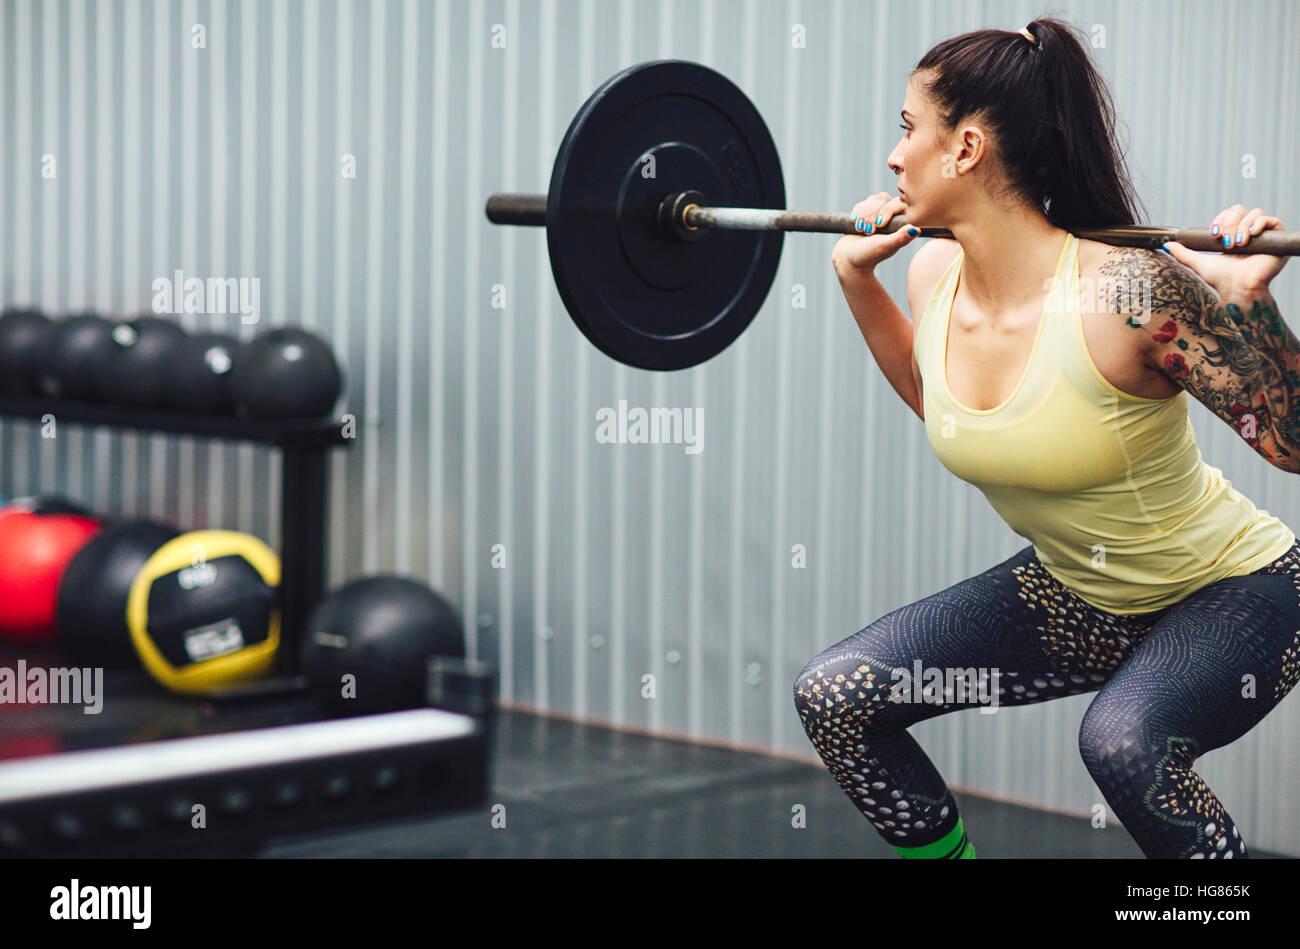 Donna con pesi barbell in palestra Immagini Stock